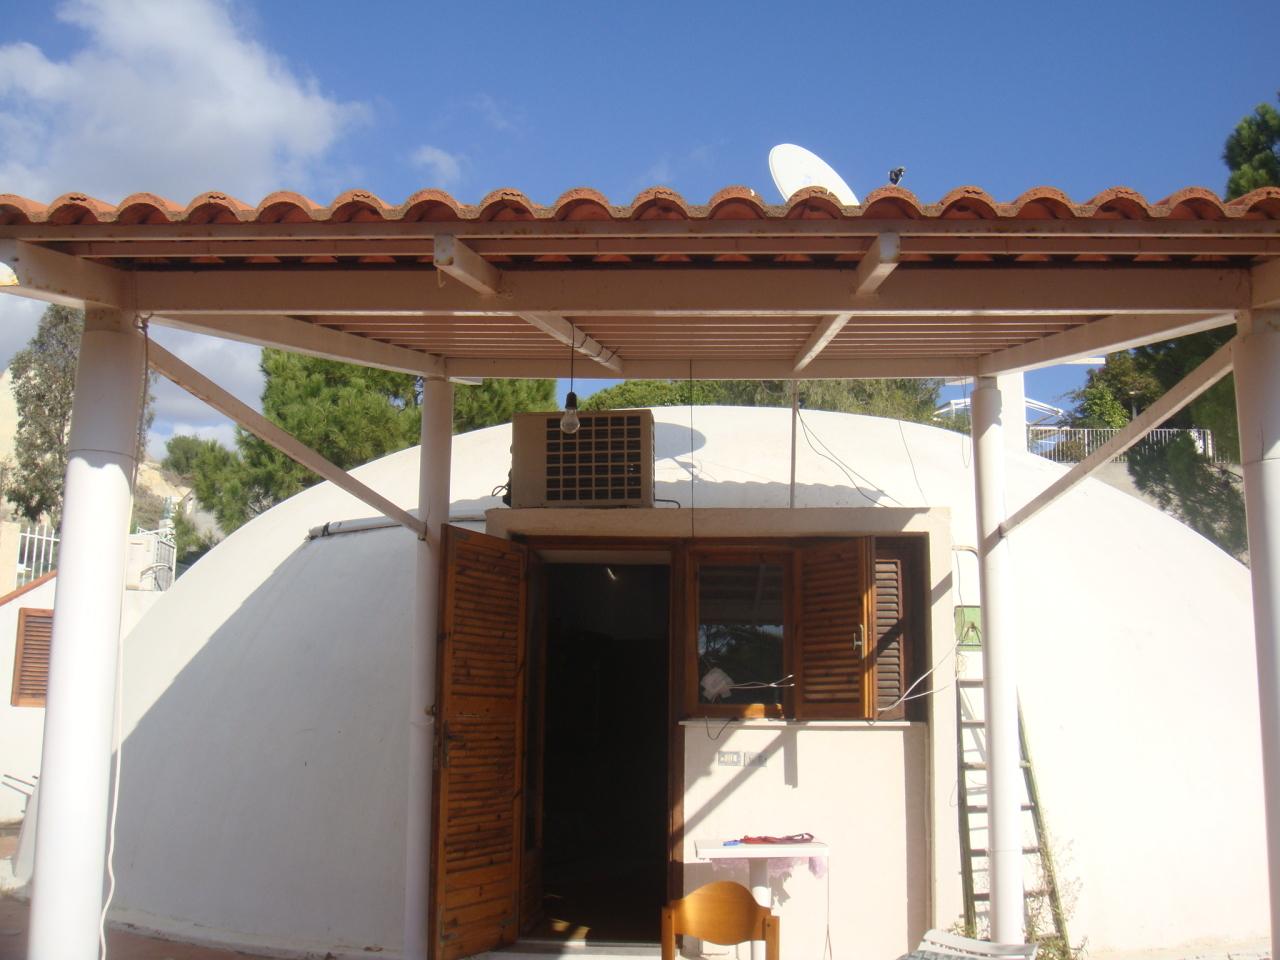 Villa in vendita a Palizzi, 4 locali, prezzo € 70.000 | Cambio Casa.it